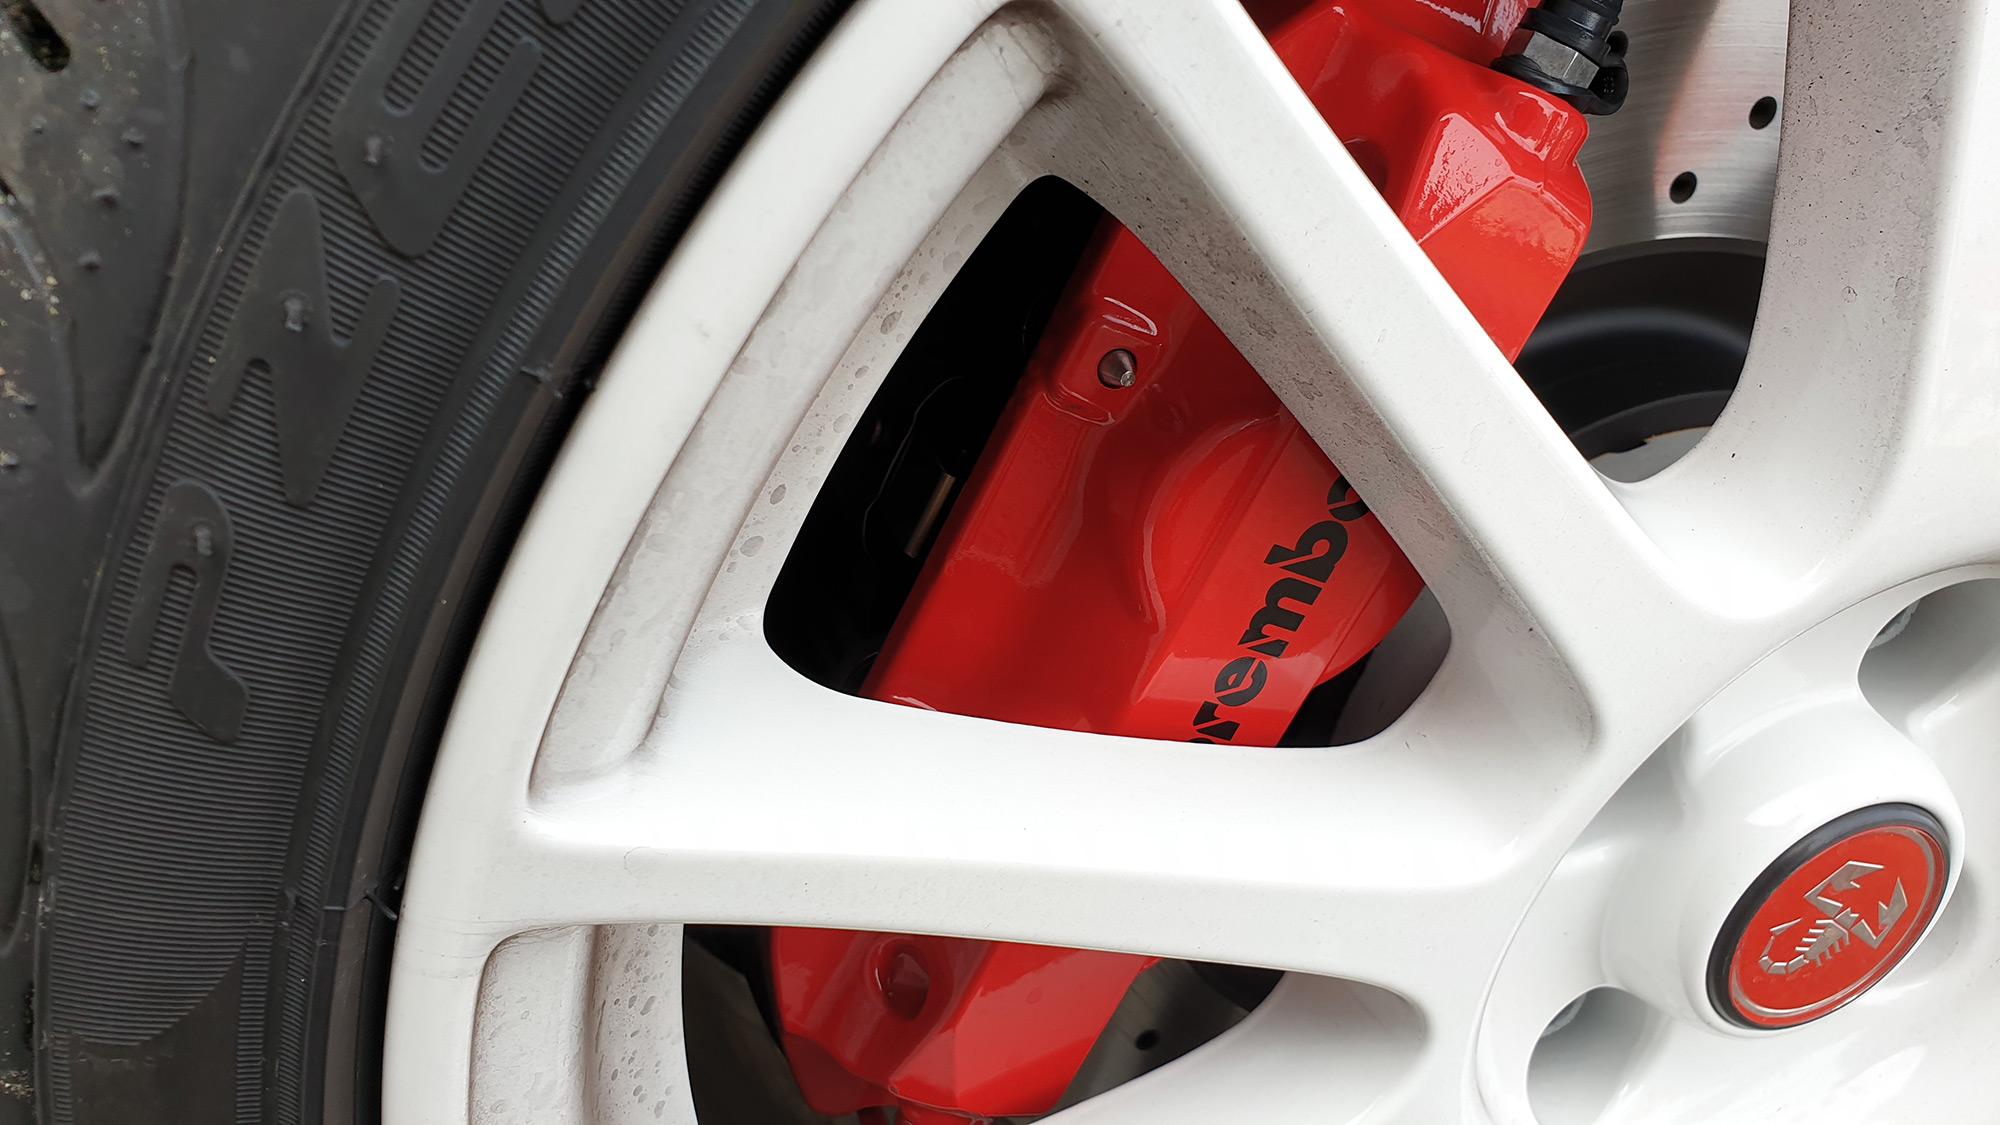 Étrier de frein Brembo de l'Abarth 595 EsseEsse